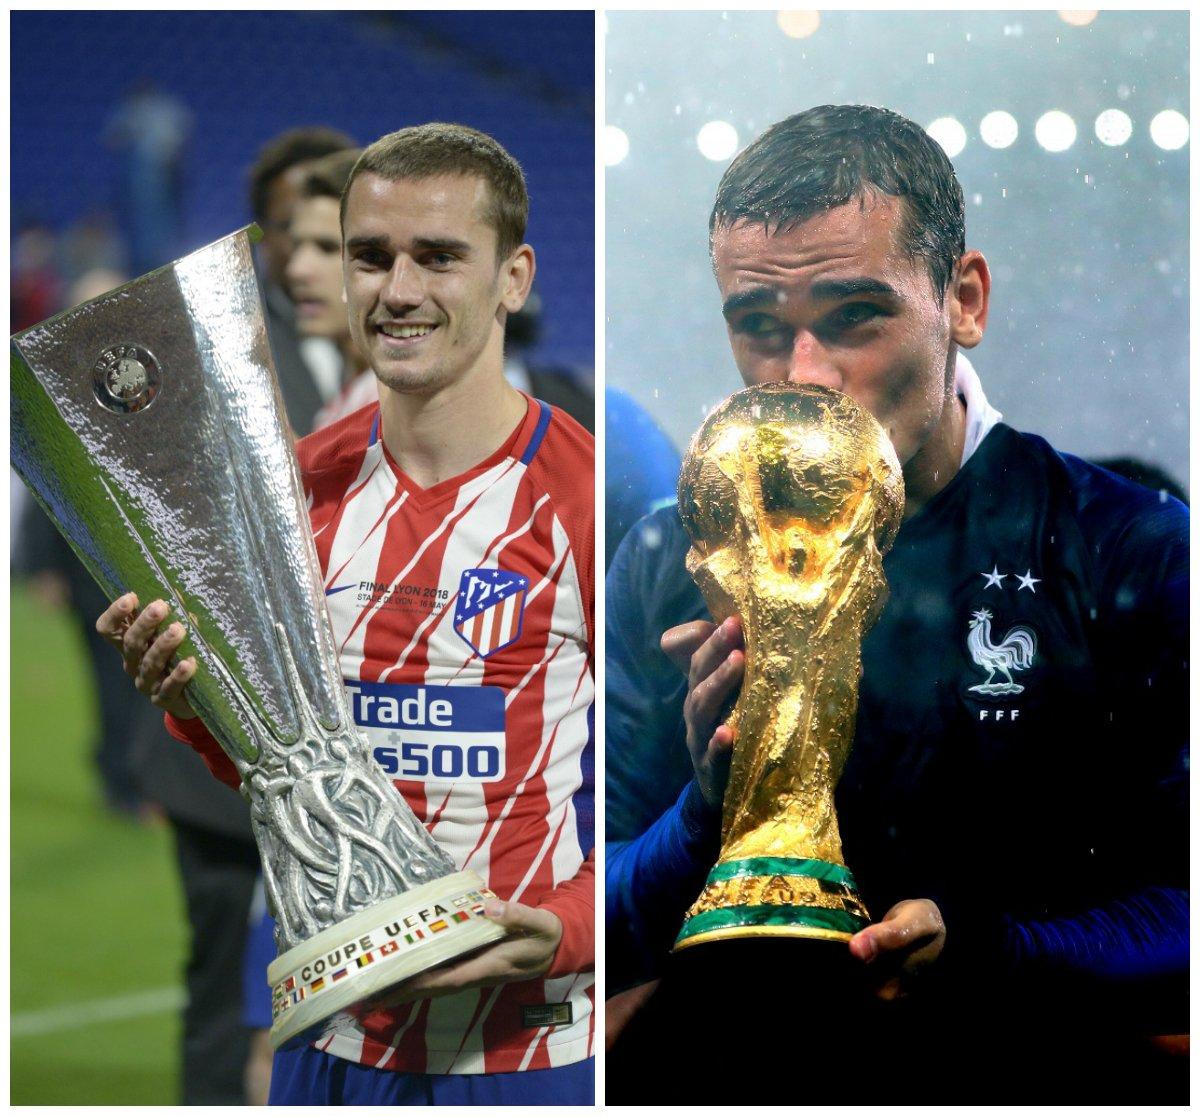 🏆 16 maggio 2018: trionfo in @EuropaLeague 👏👏👏 🏆 15 luglio 2018: trionfo alla #WorldCup 👏👏👏  Un anno indimenticabile per @AntoGriezmann...